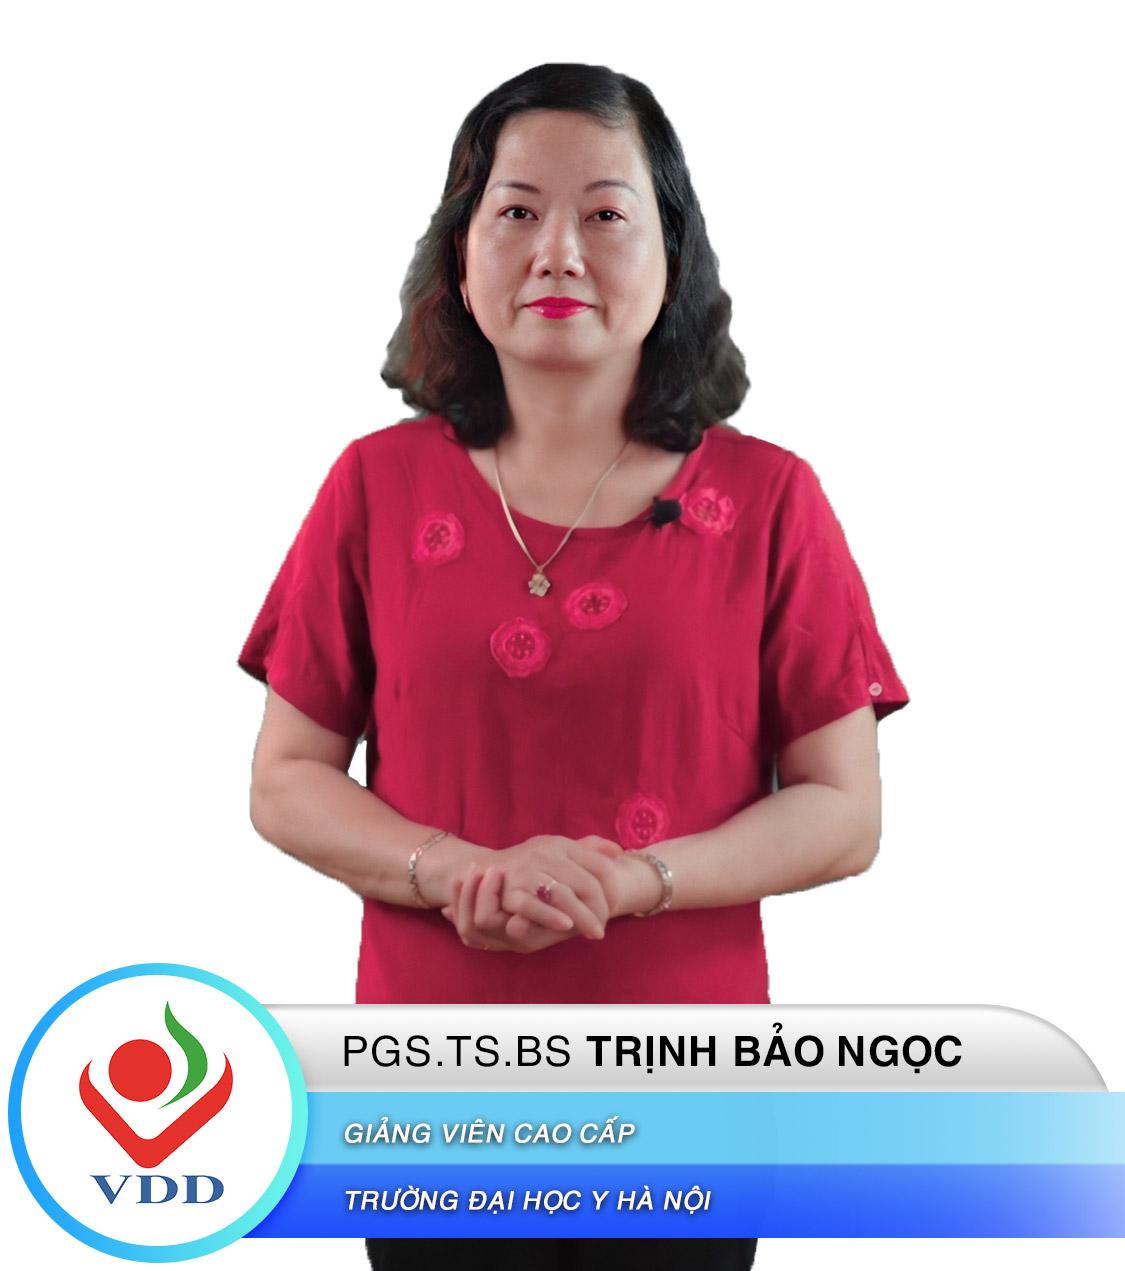 6. Trịnh Bảo Ngọc